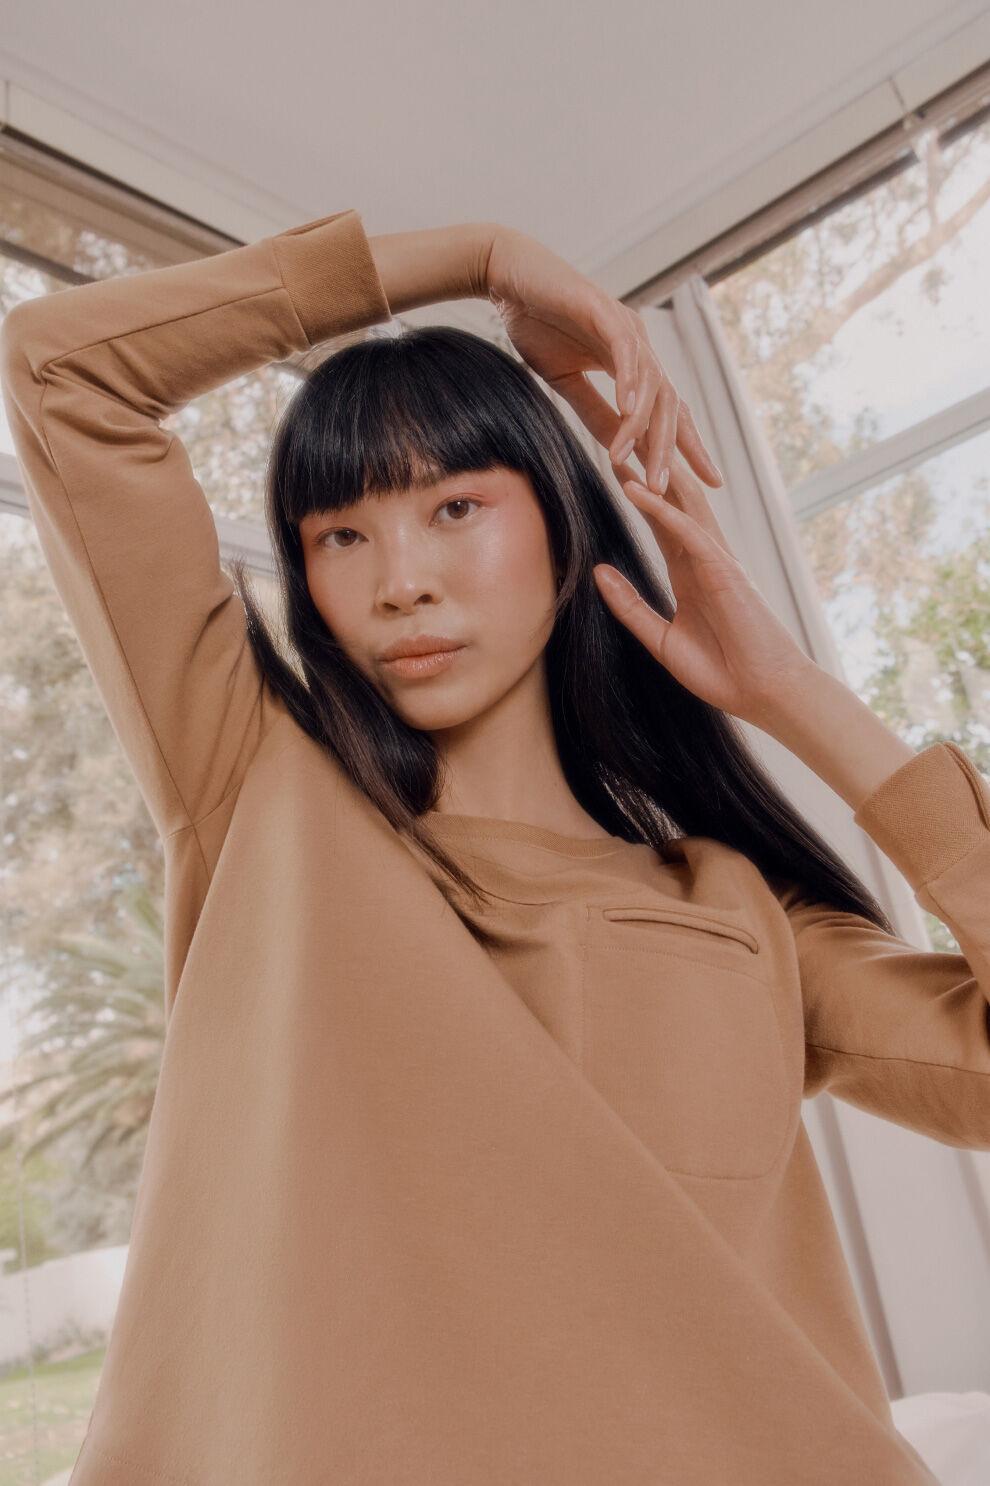 Model in French Terry Pleat-Back Sweatshirt